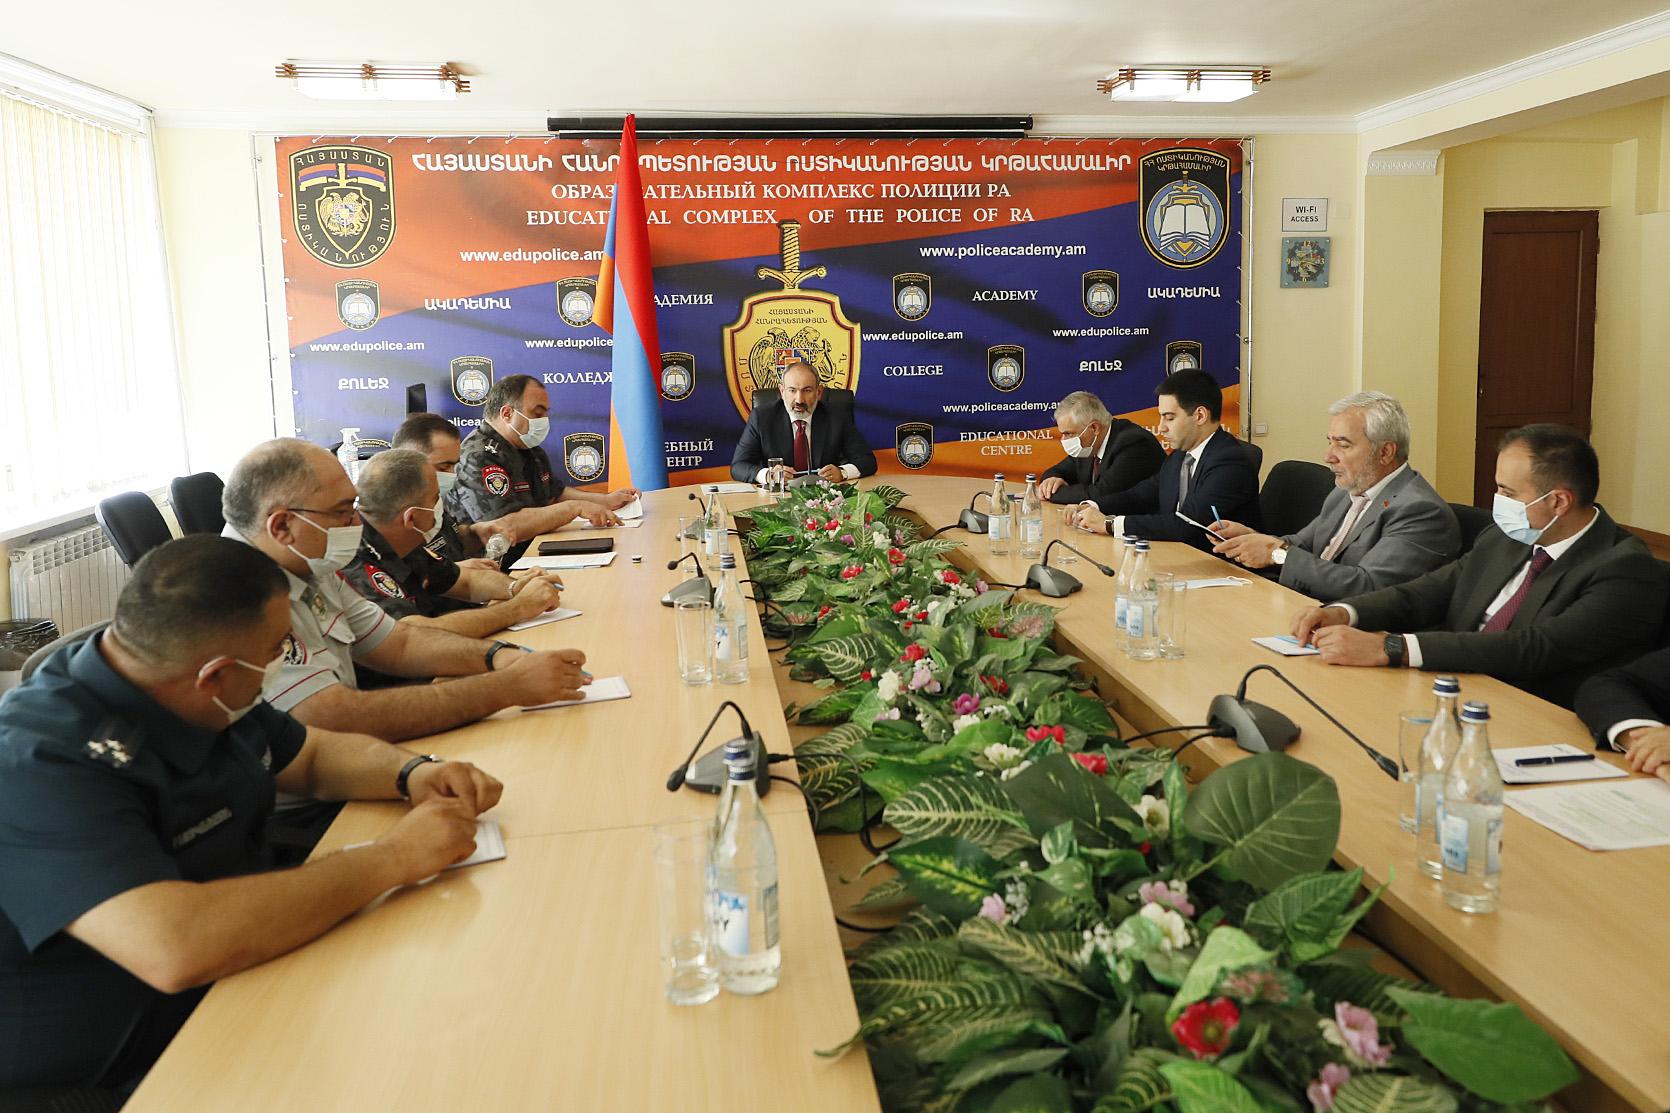 Photo of Никол Пашинян накануне начала работы патрульной службы полиции посетил учебный комплекс